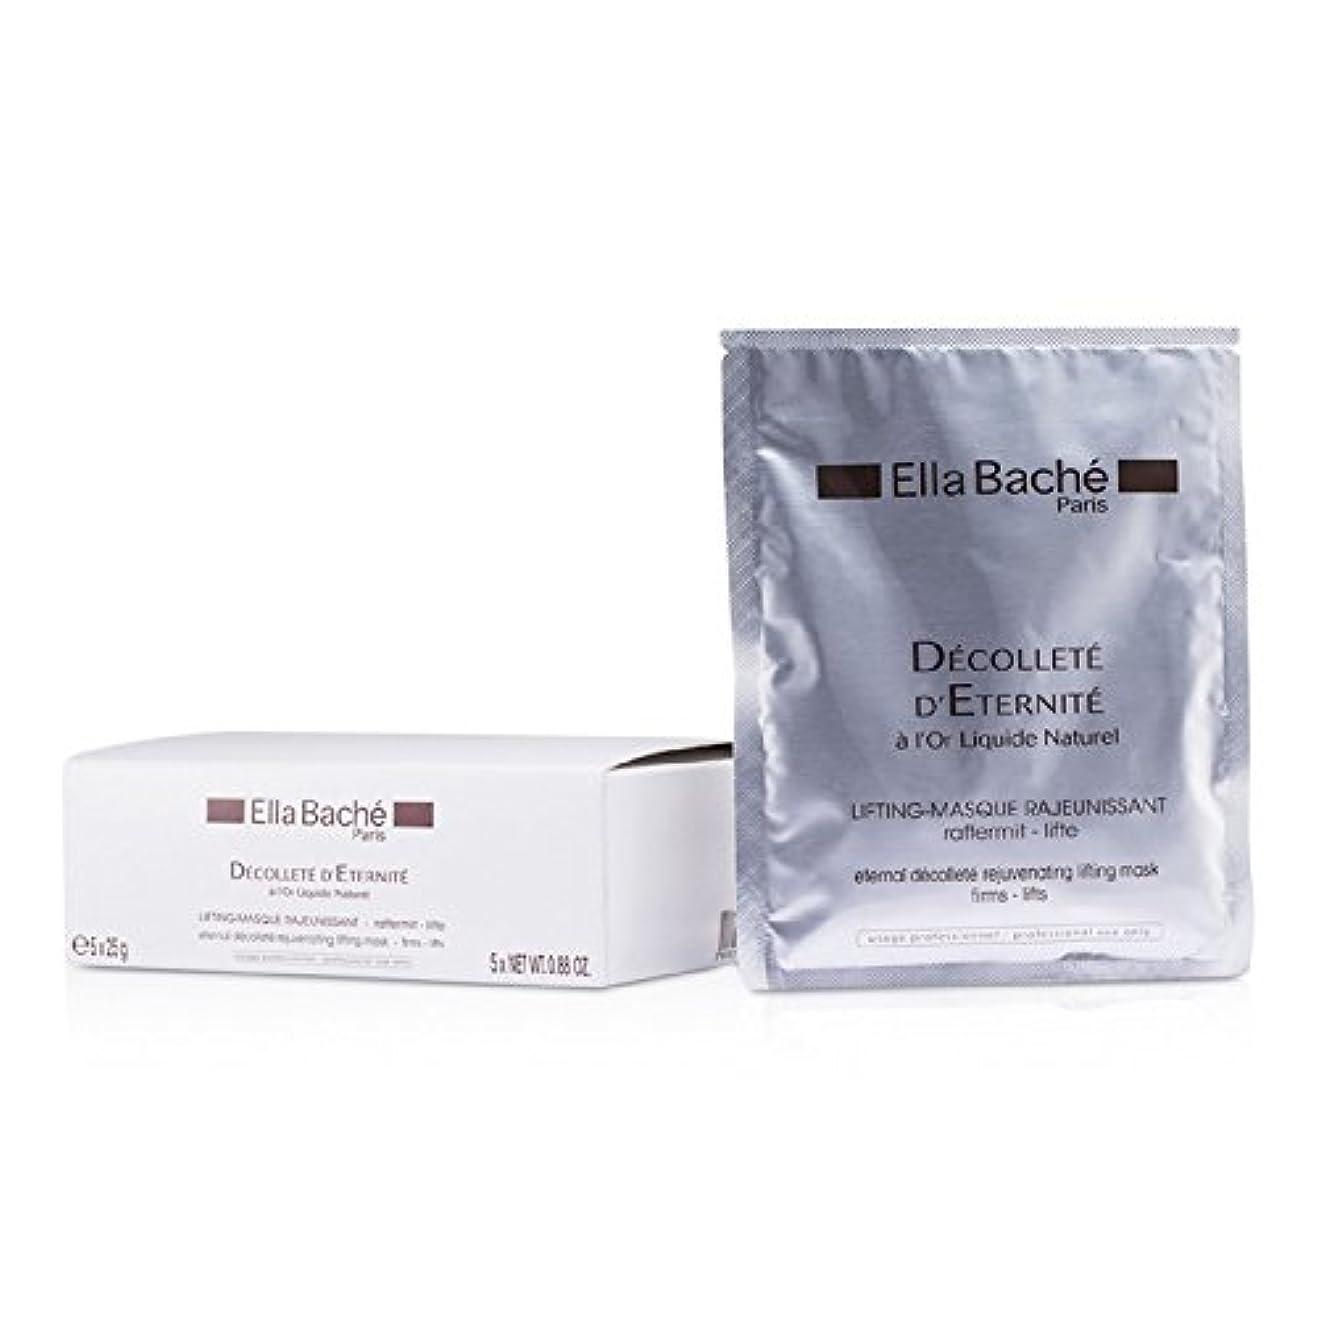 粘液免除する女性エラバシェ エターナル デコルテ リジュブネーティング リフティング マスク(サロンサイズ) 5x25g/0.88oz並行輸入品